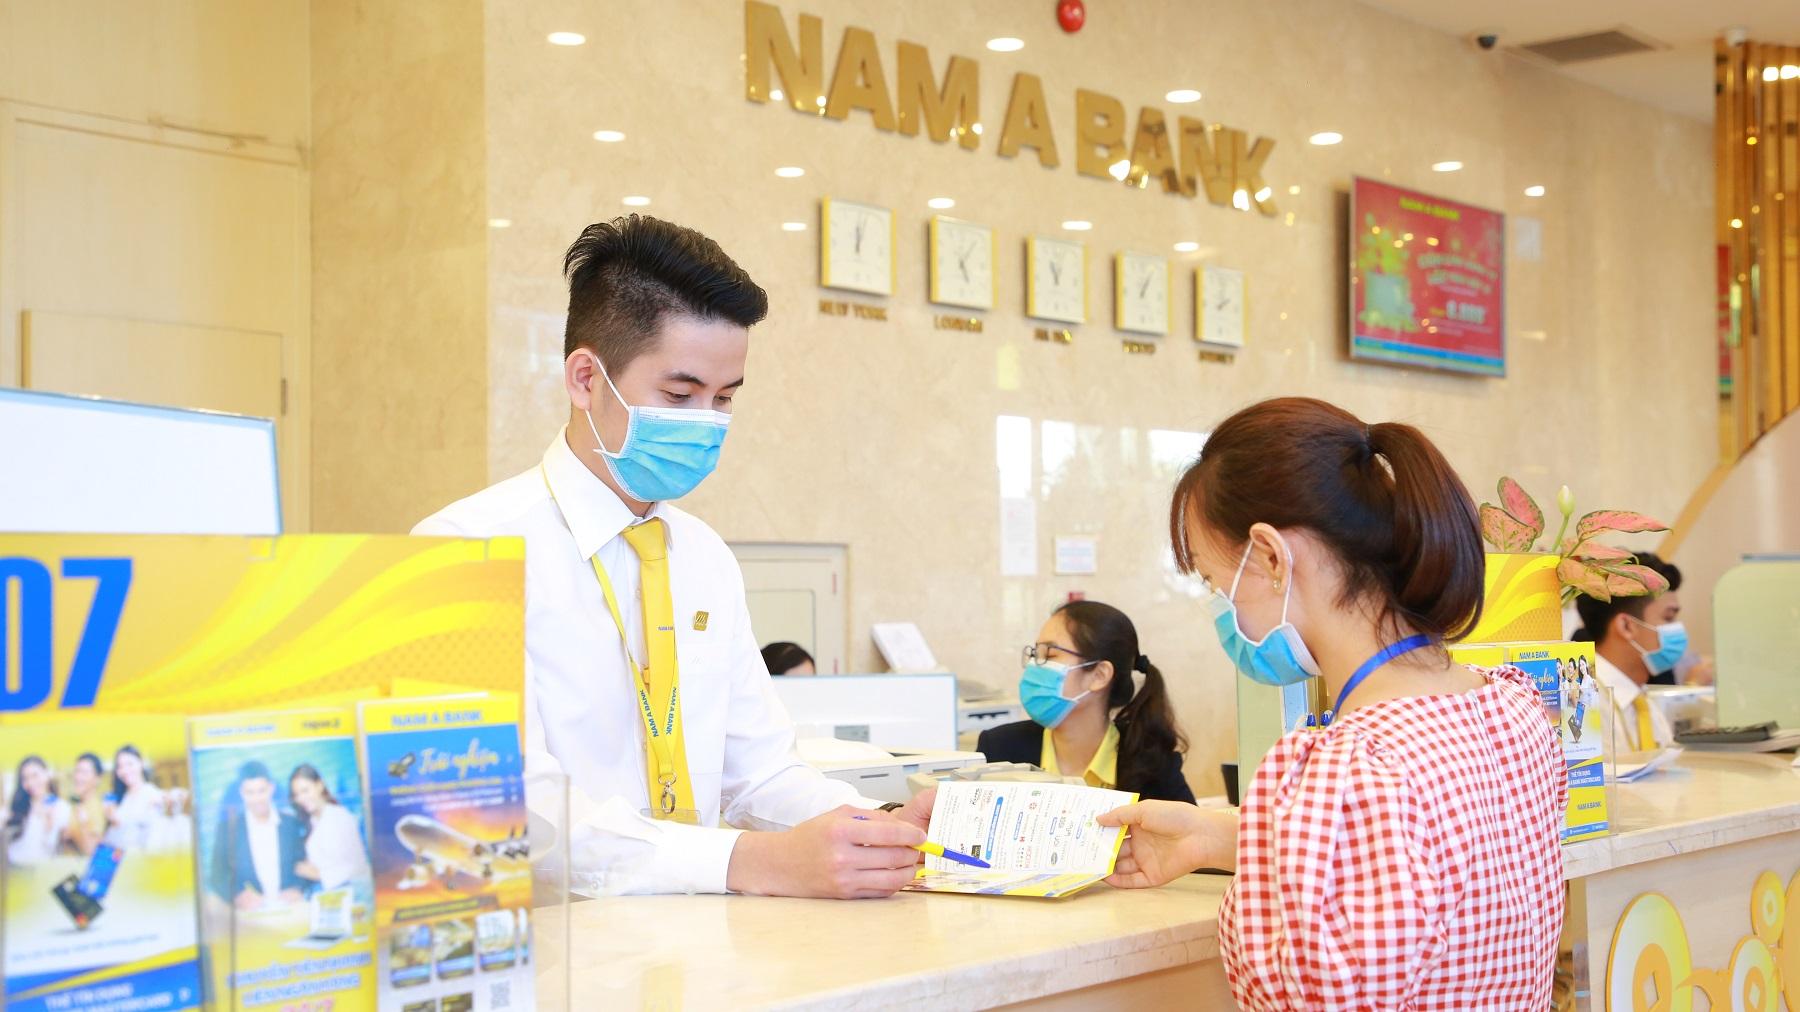 Nam A Bank đi đầu trong việc trang bị miễn phí khẩu trang y tế, dung dịch rửa tay sát khuẩn cho khách hàng